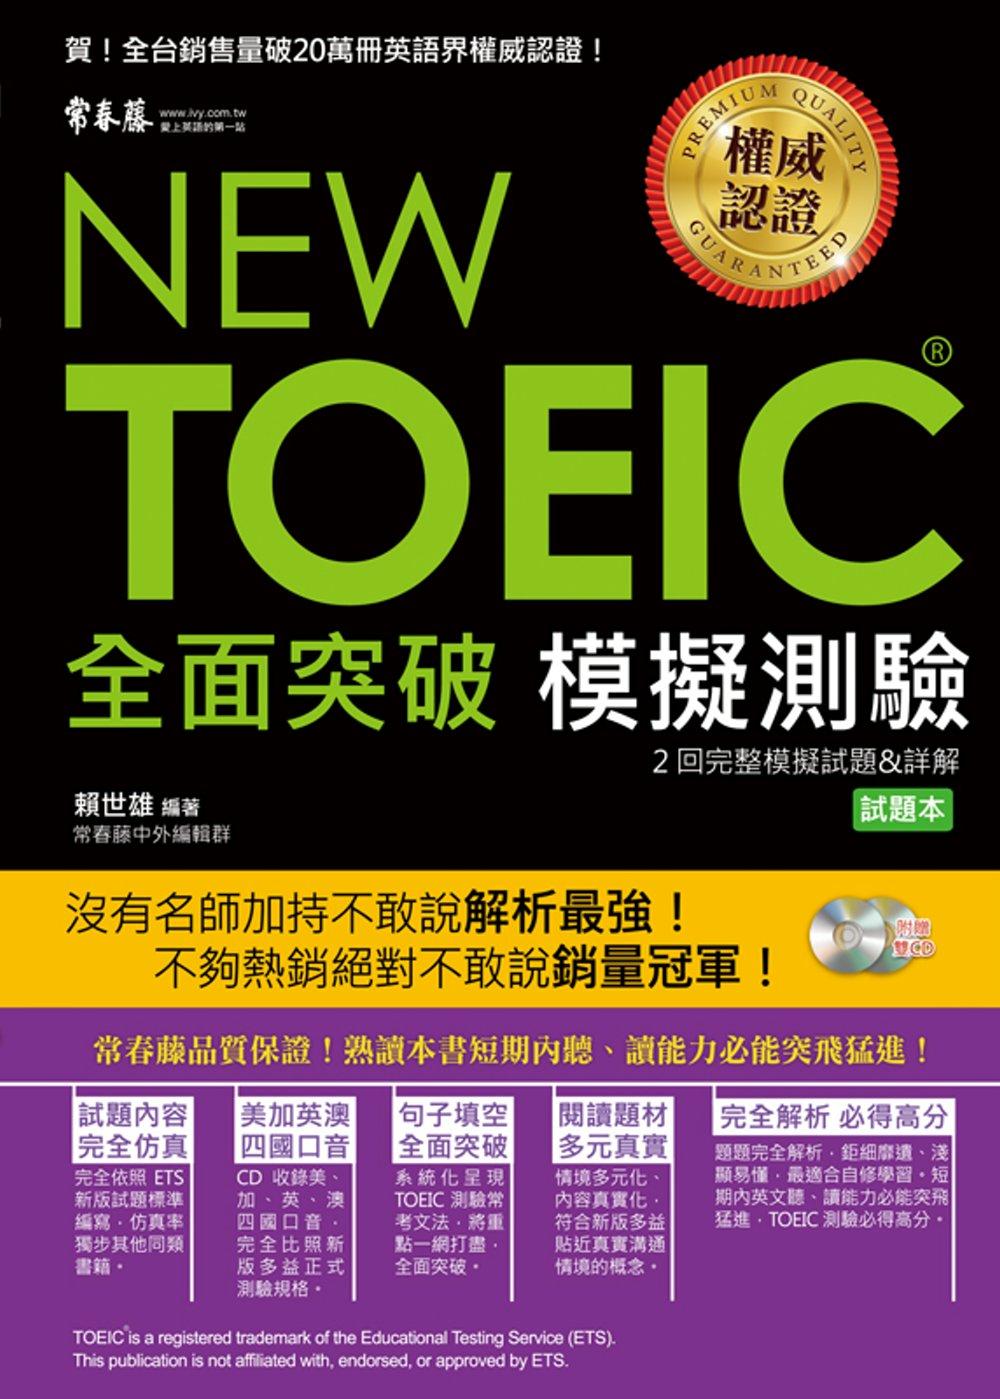 NEW TOEIC模擬測驗全面突破 /